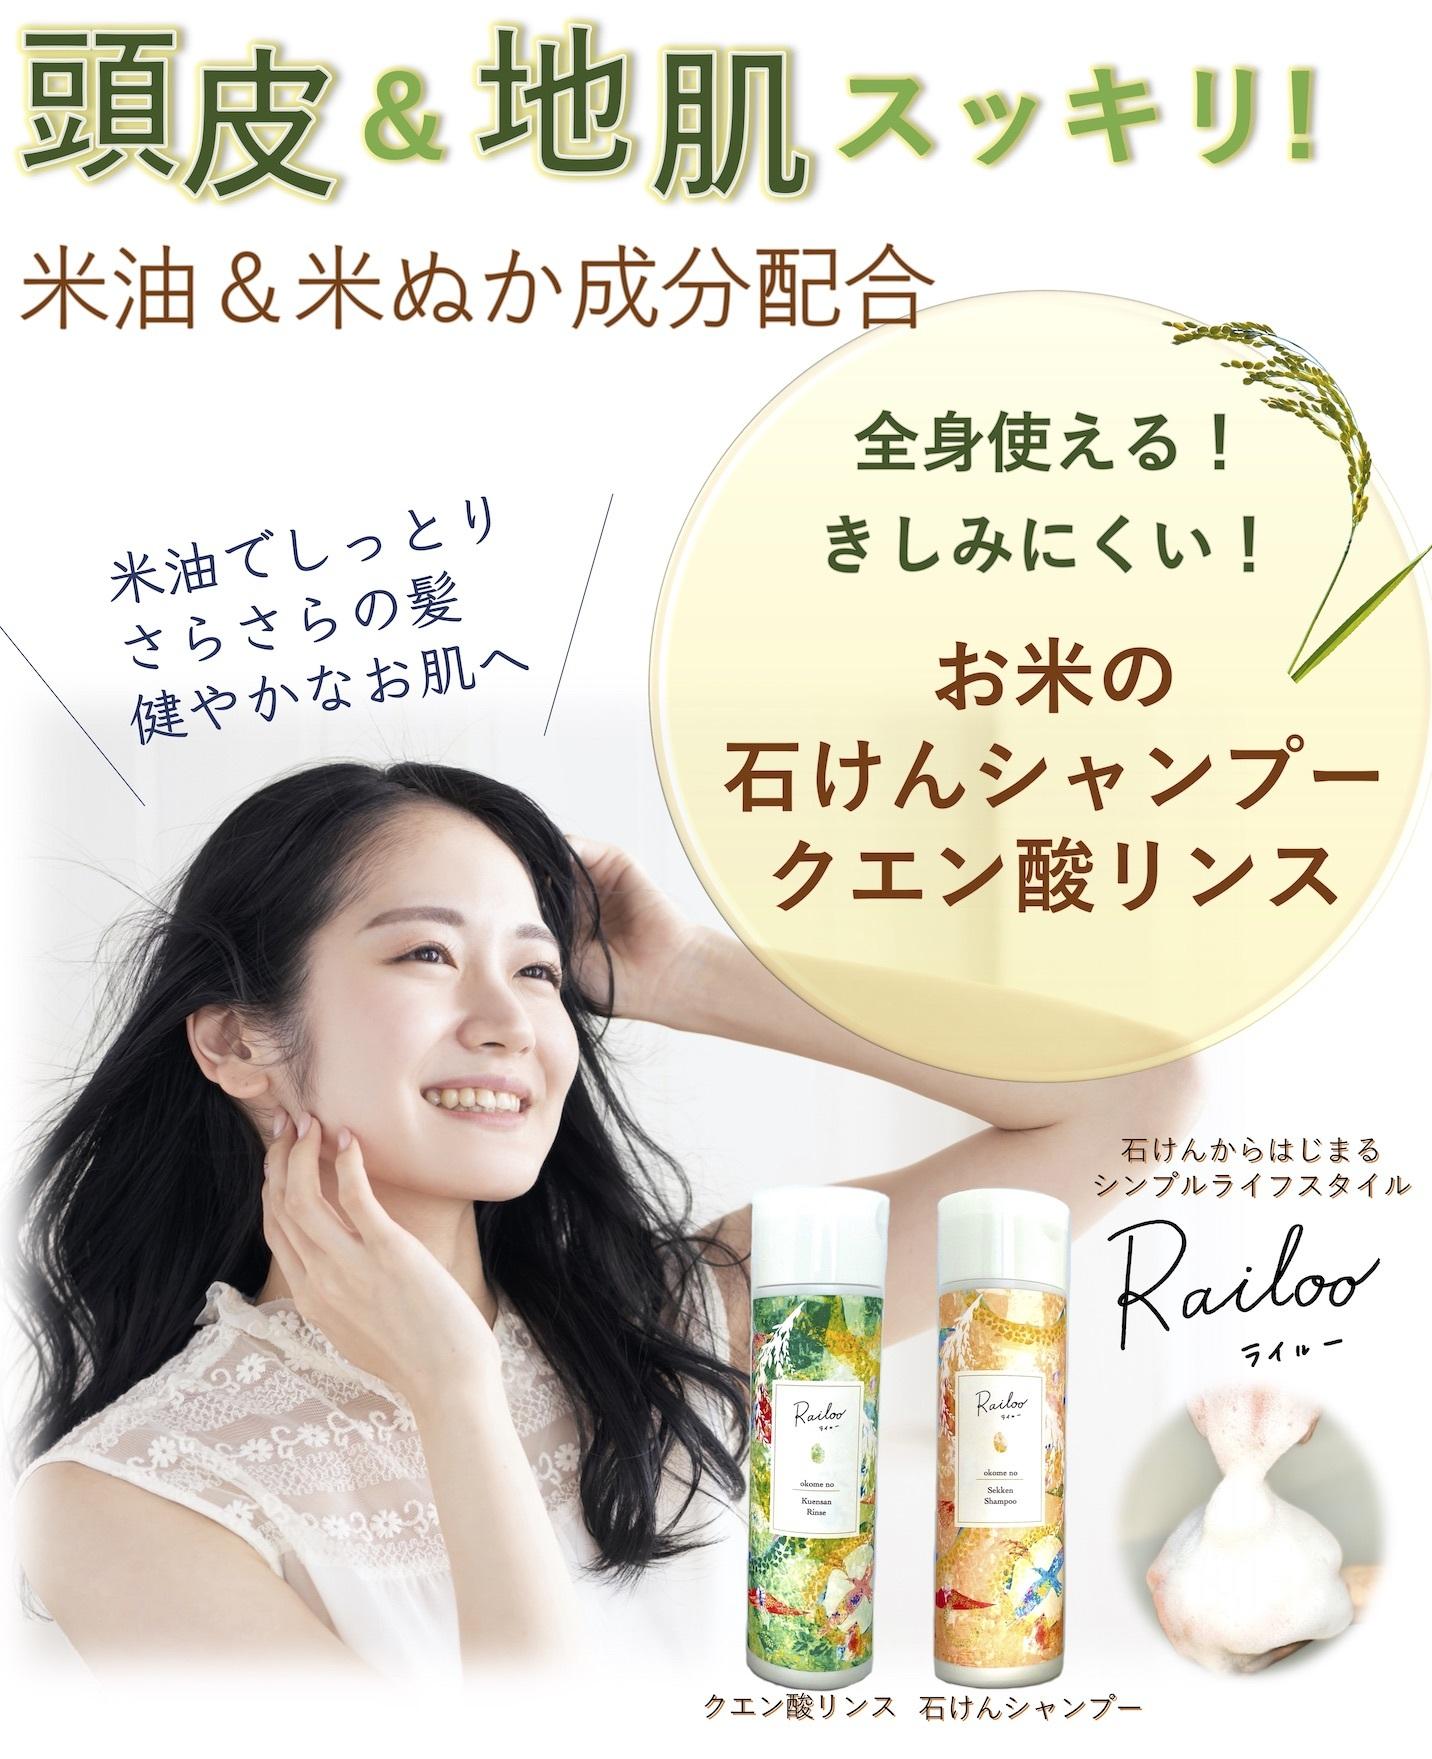 天然由来のお米成分配合!髪・頭皮・お肌を美しくたもつ石けんシャンプー